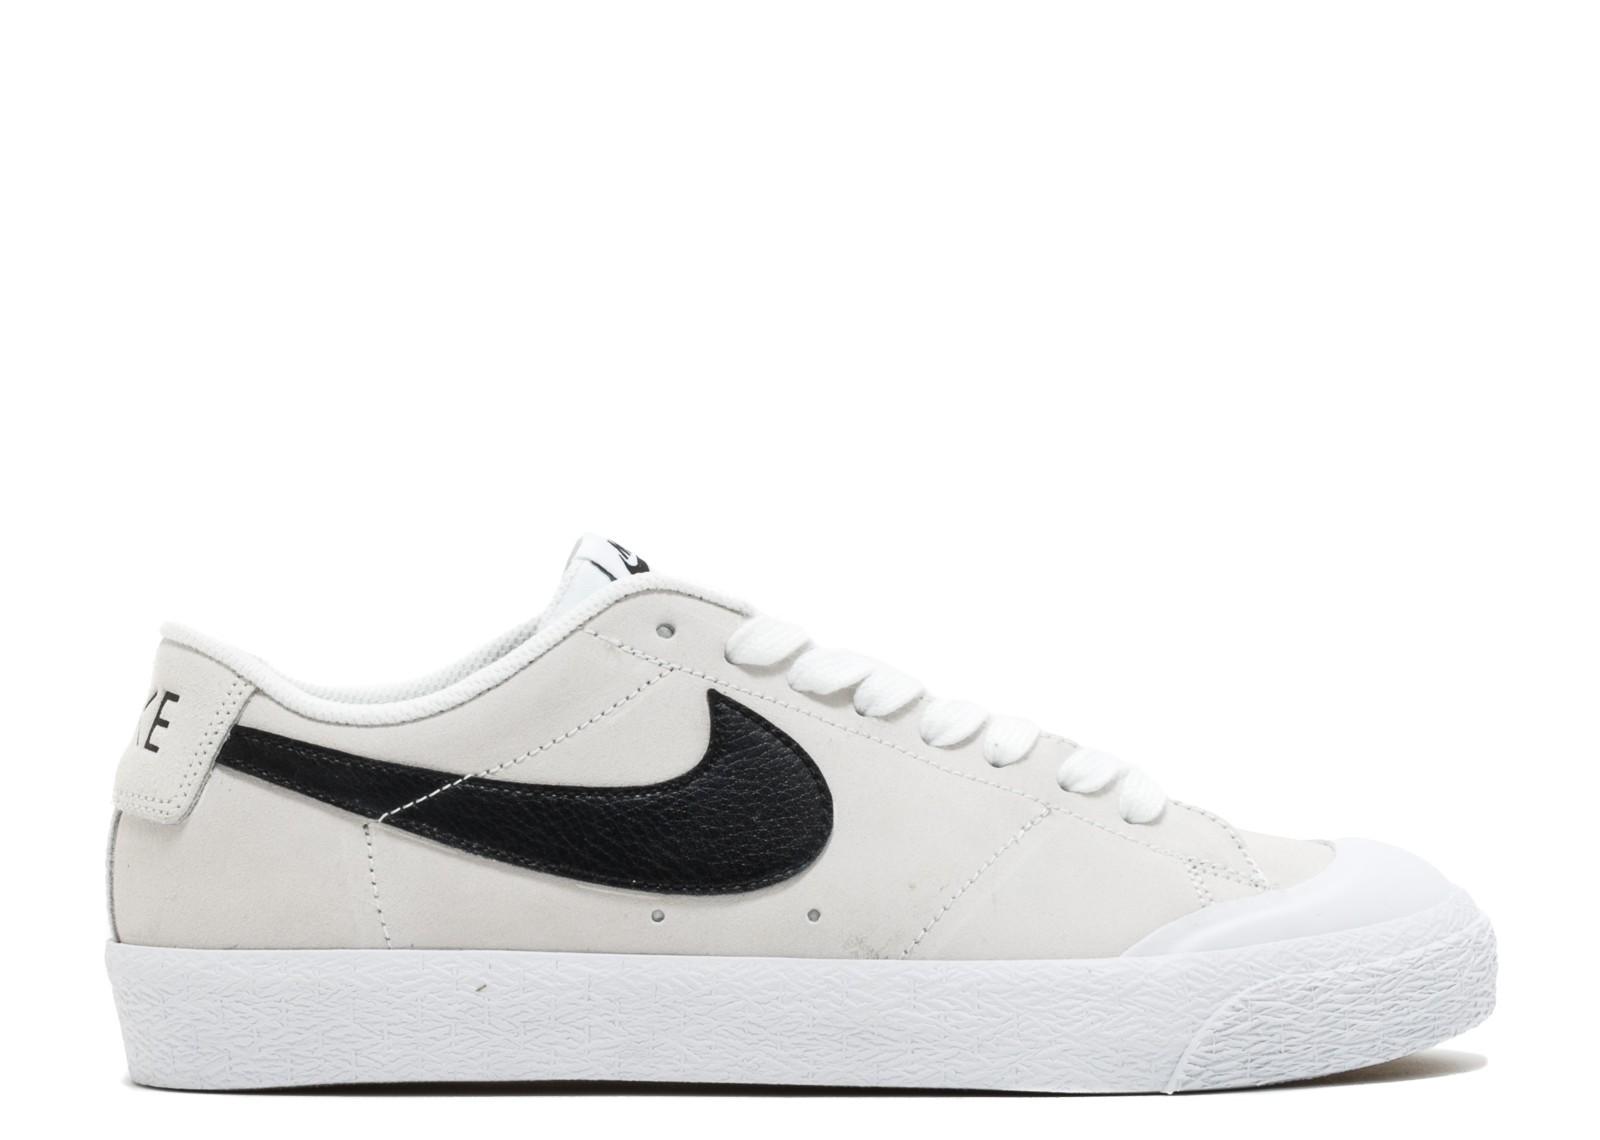 Nike Sb Blazer Zoom Low Xt White Summit Black 864348-101